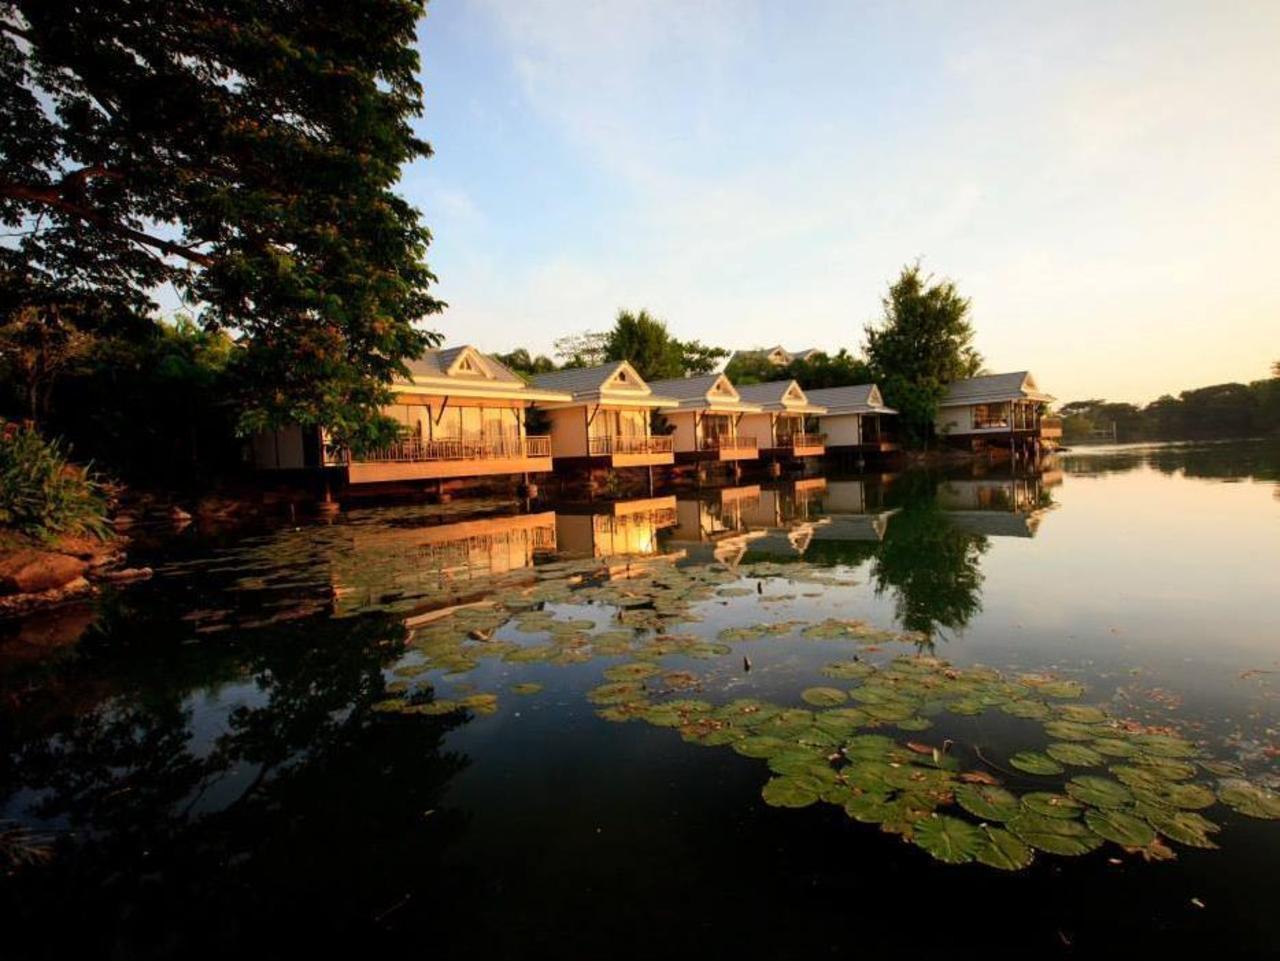 ชวาลัน รีสอร์ท (Chawalun Resort)